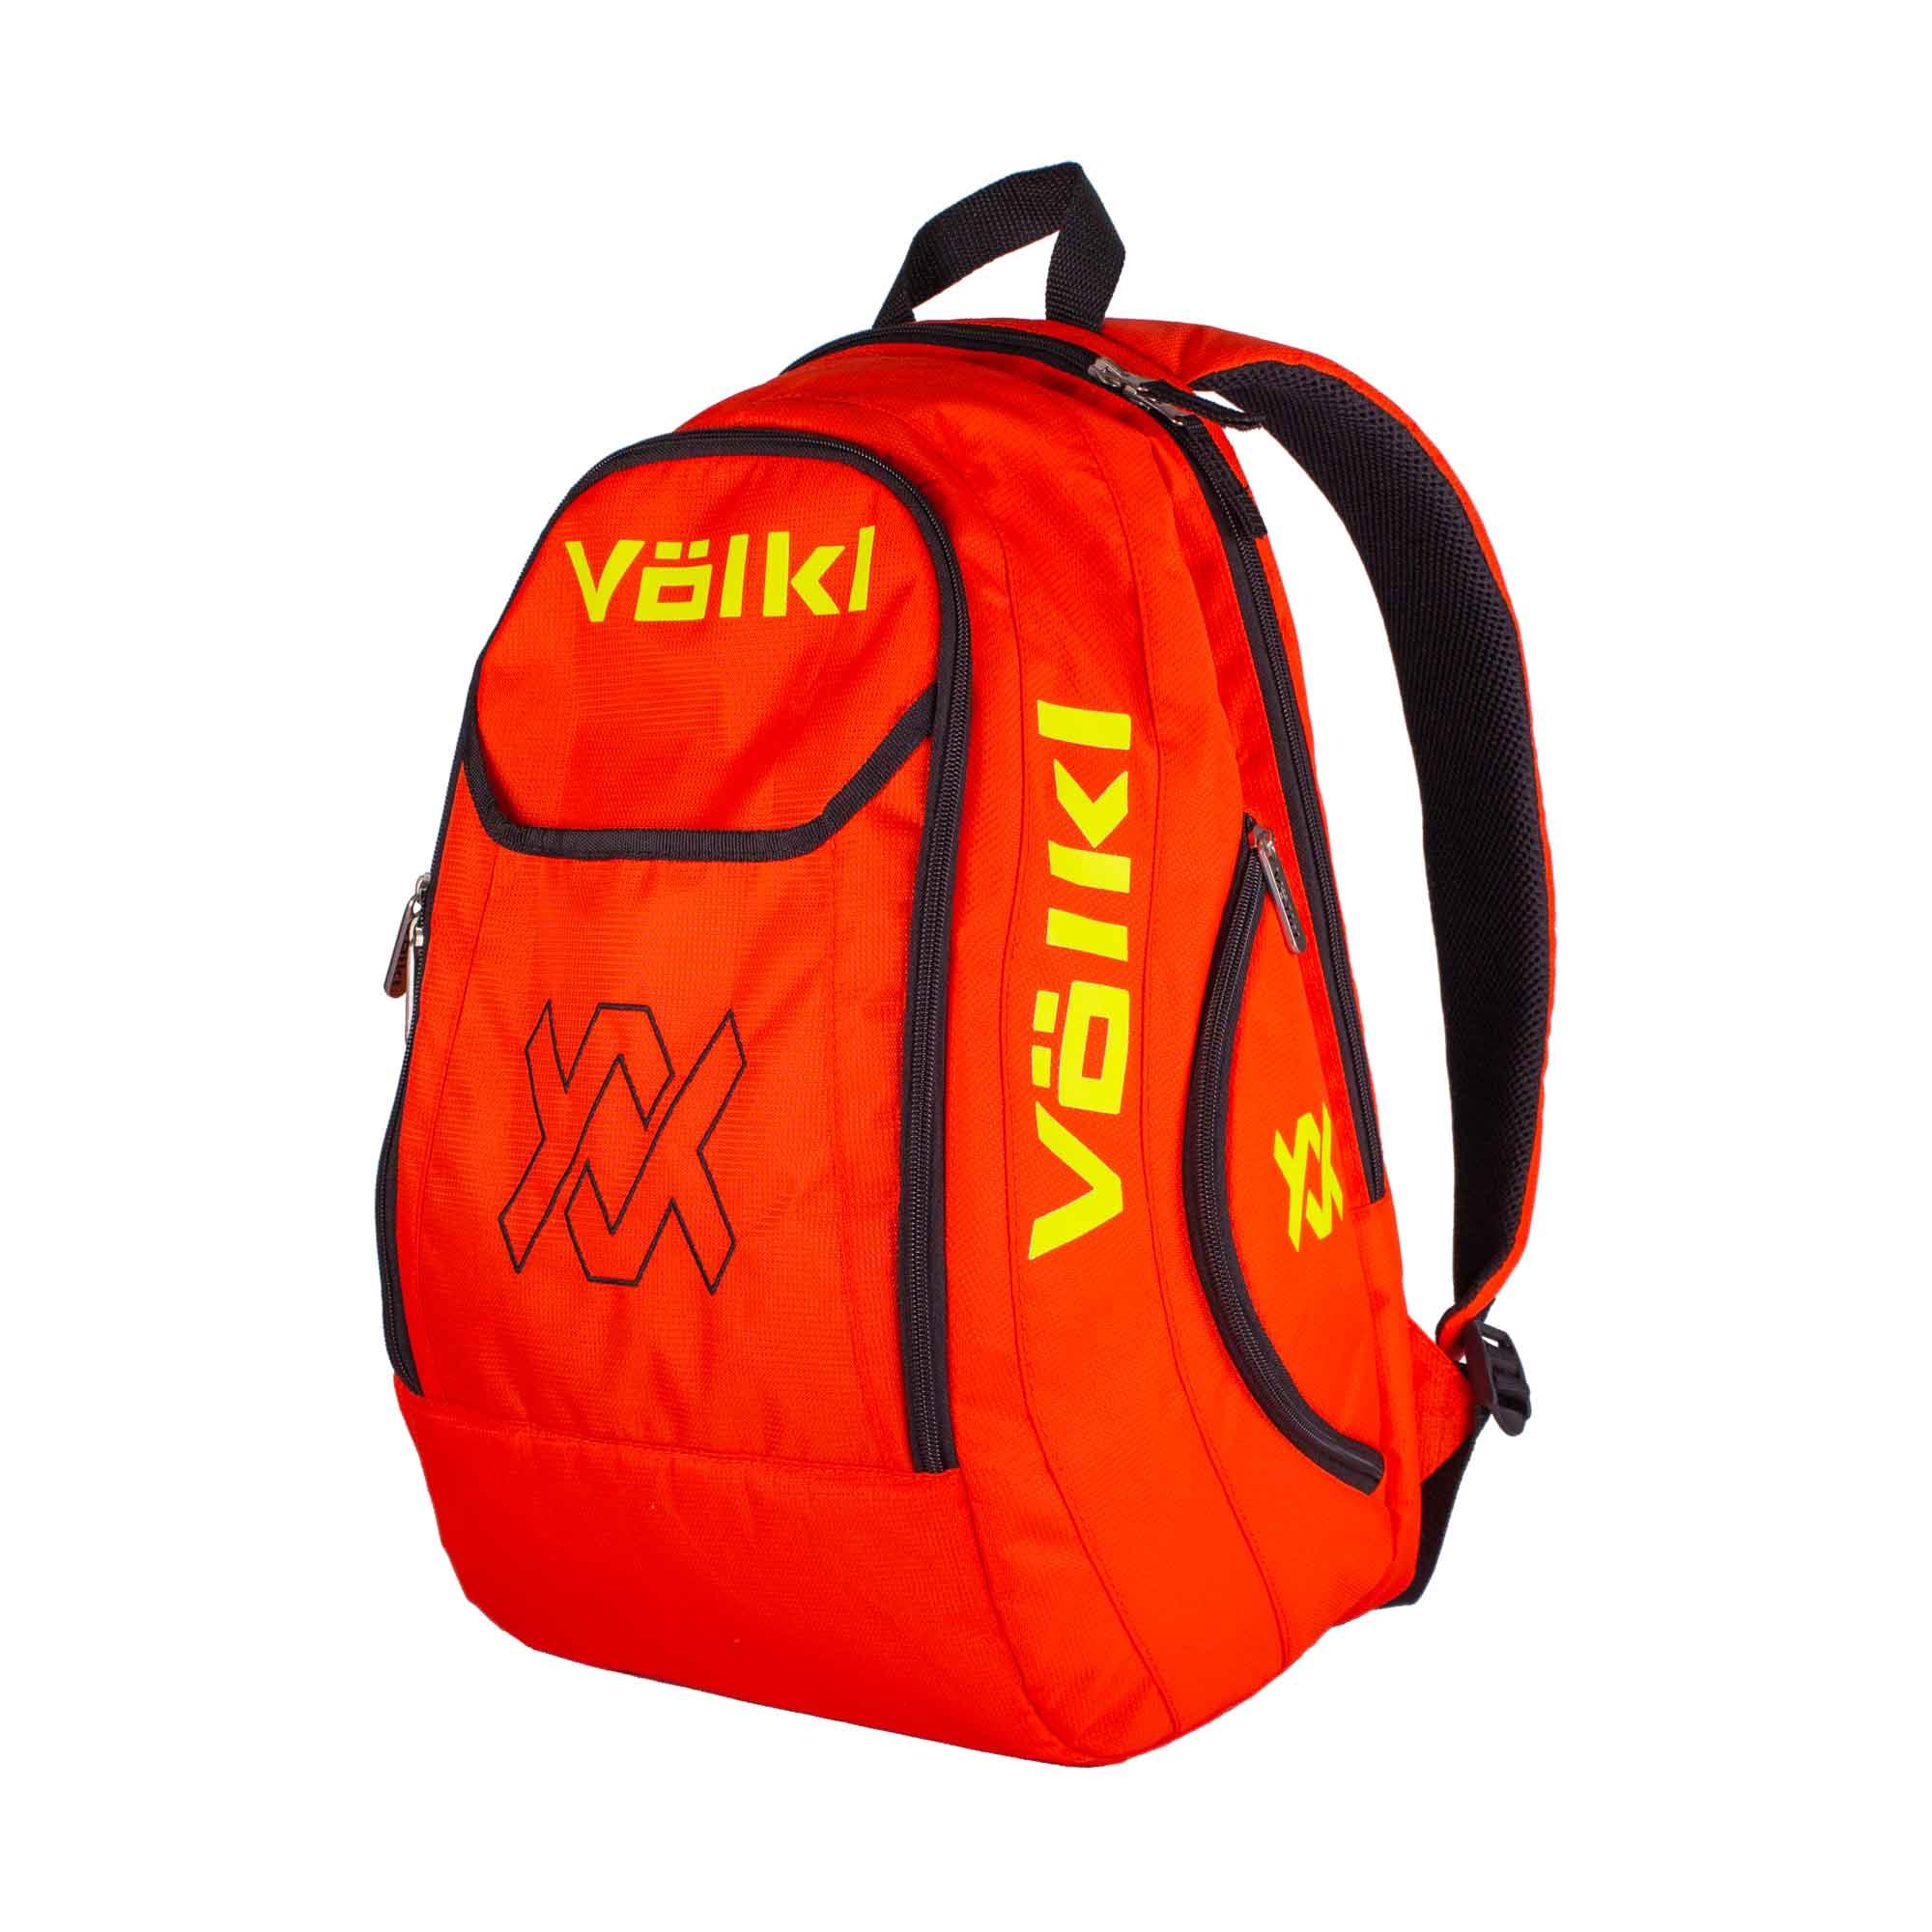 Volkl Team Backpack - Red